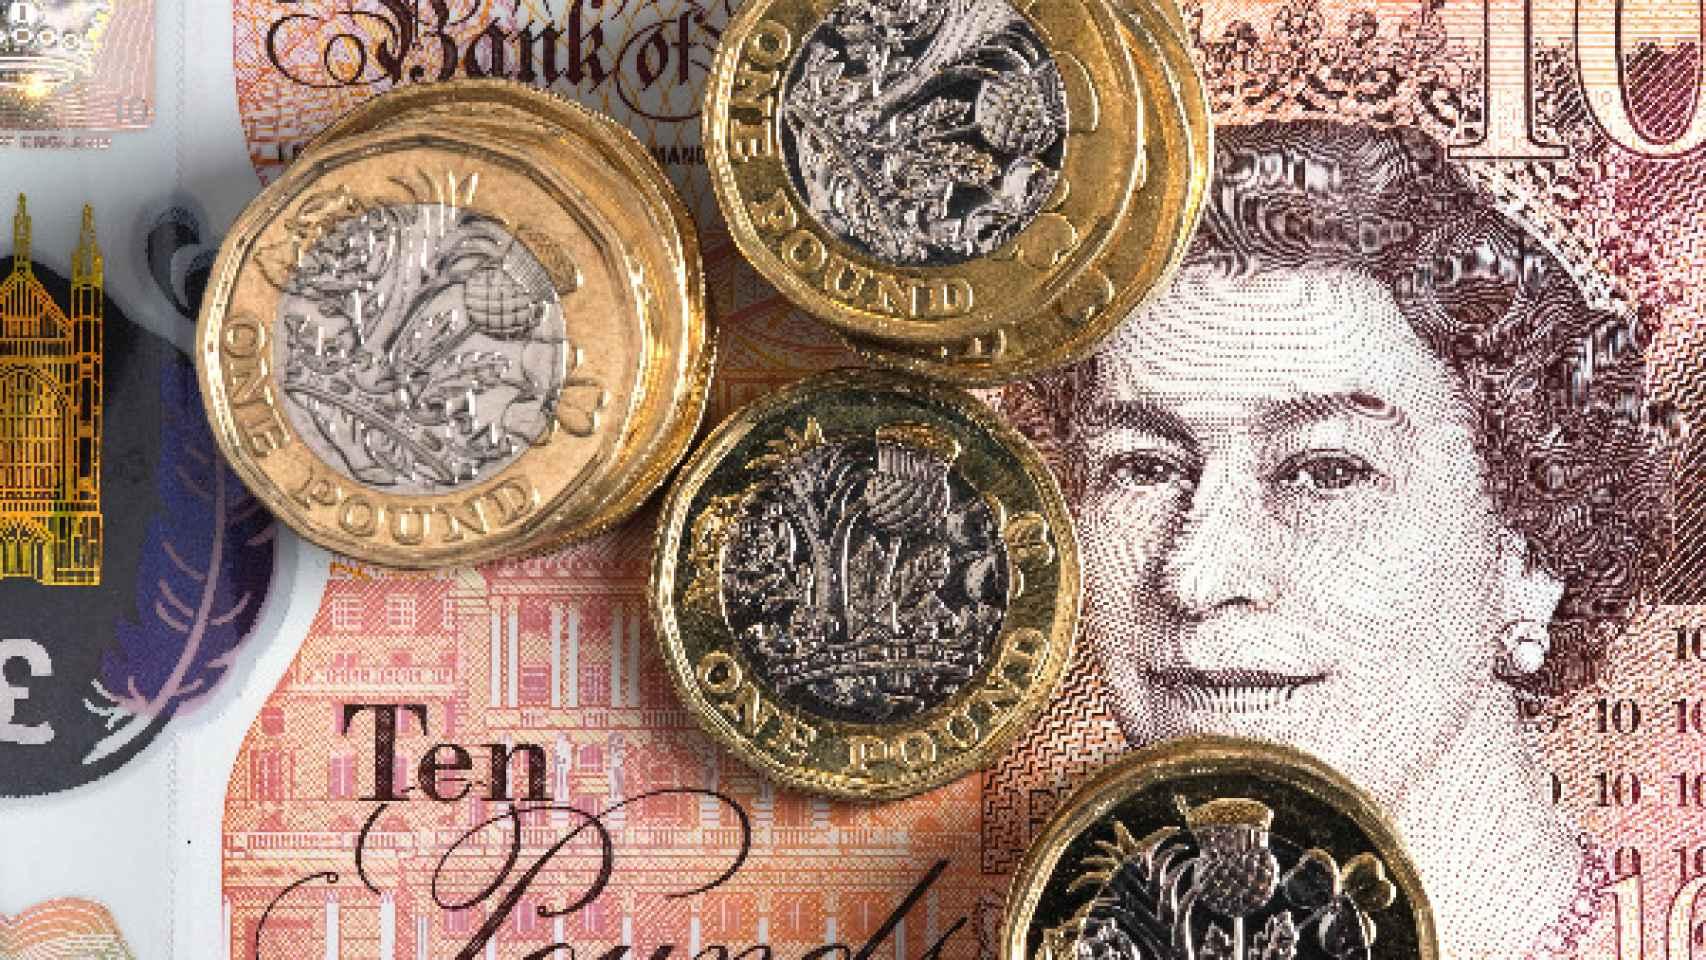 Un billete y monedas de libras esterlinas.